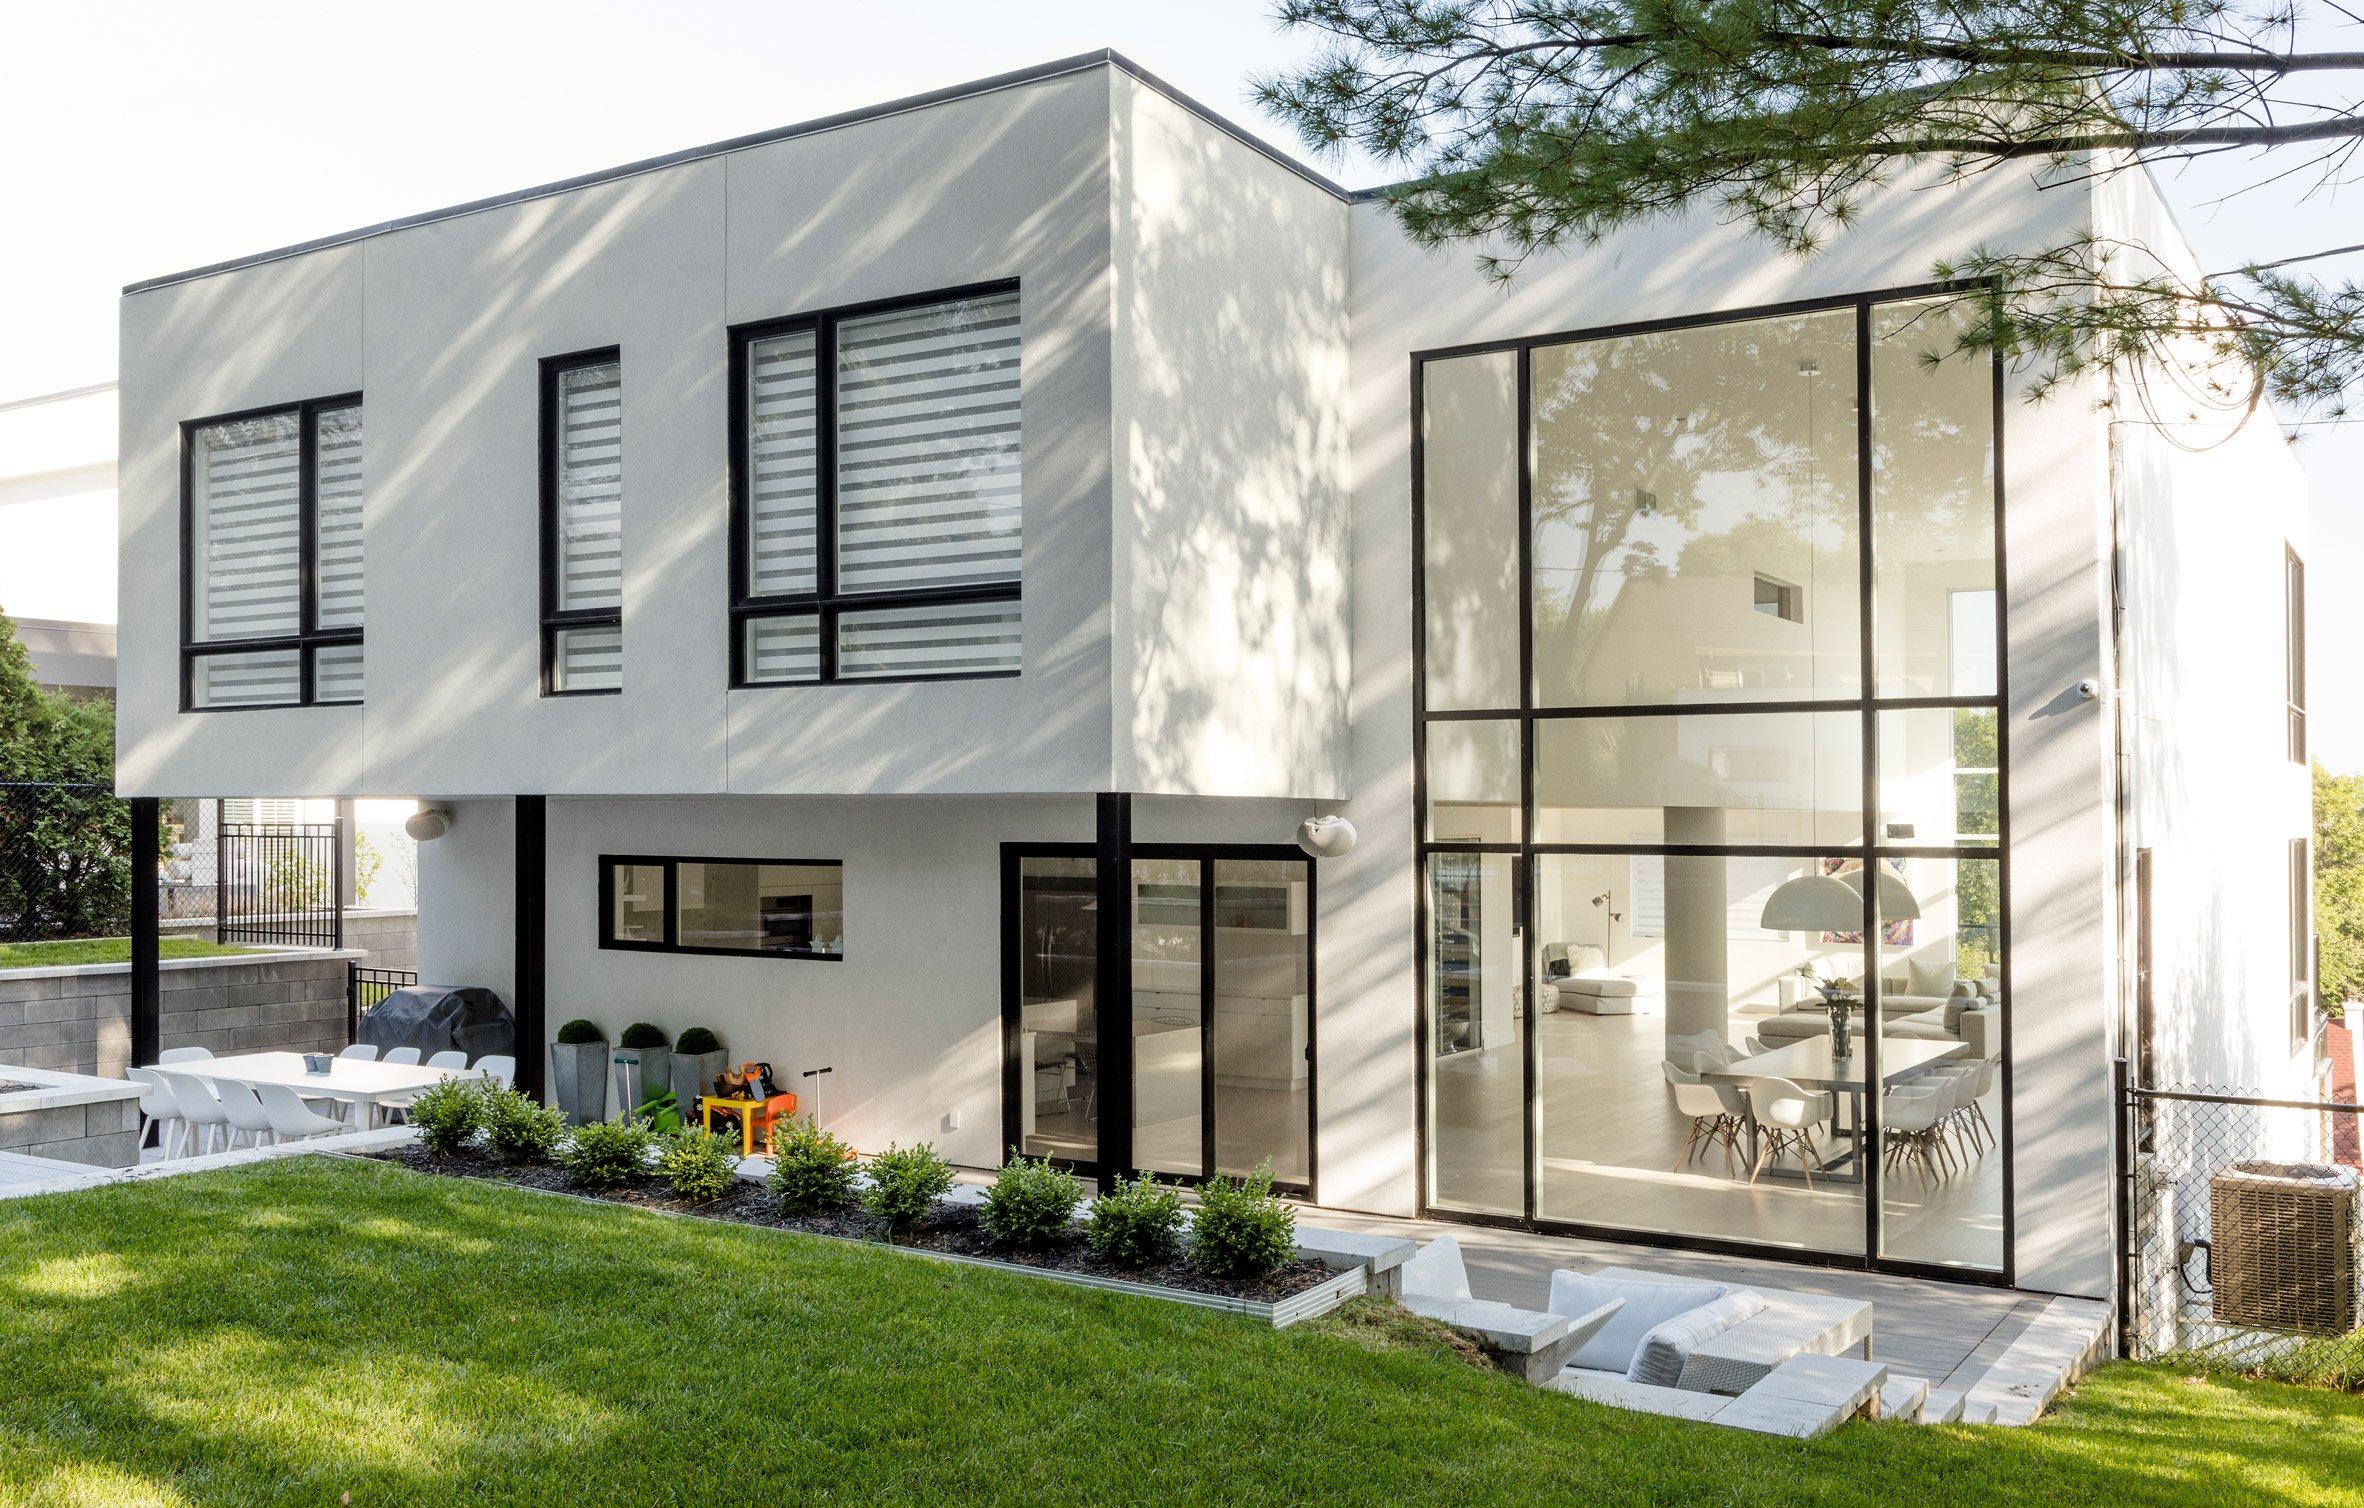 une jolie maison d 39 un joueur professionnel de hockey qu bec faite par parka architecture. Black Bedroom Furniture Sets. Home Design Ideas